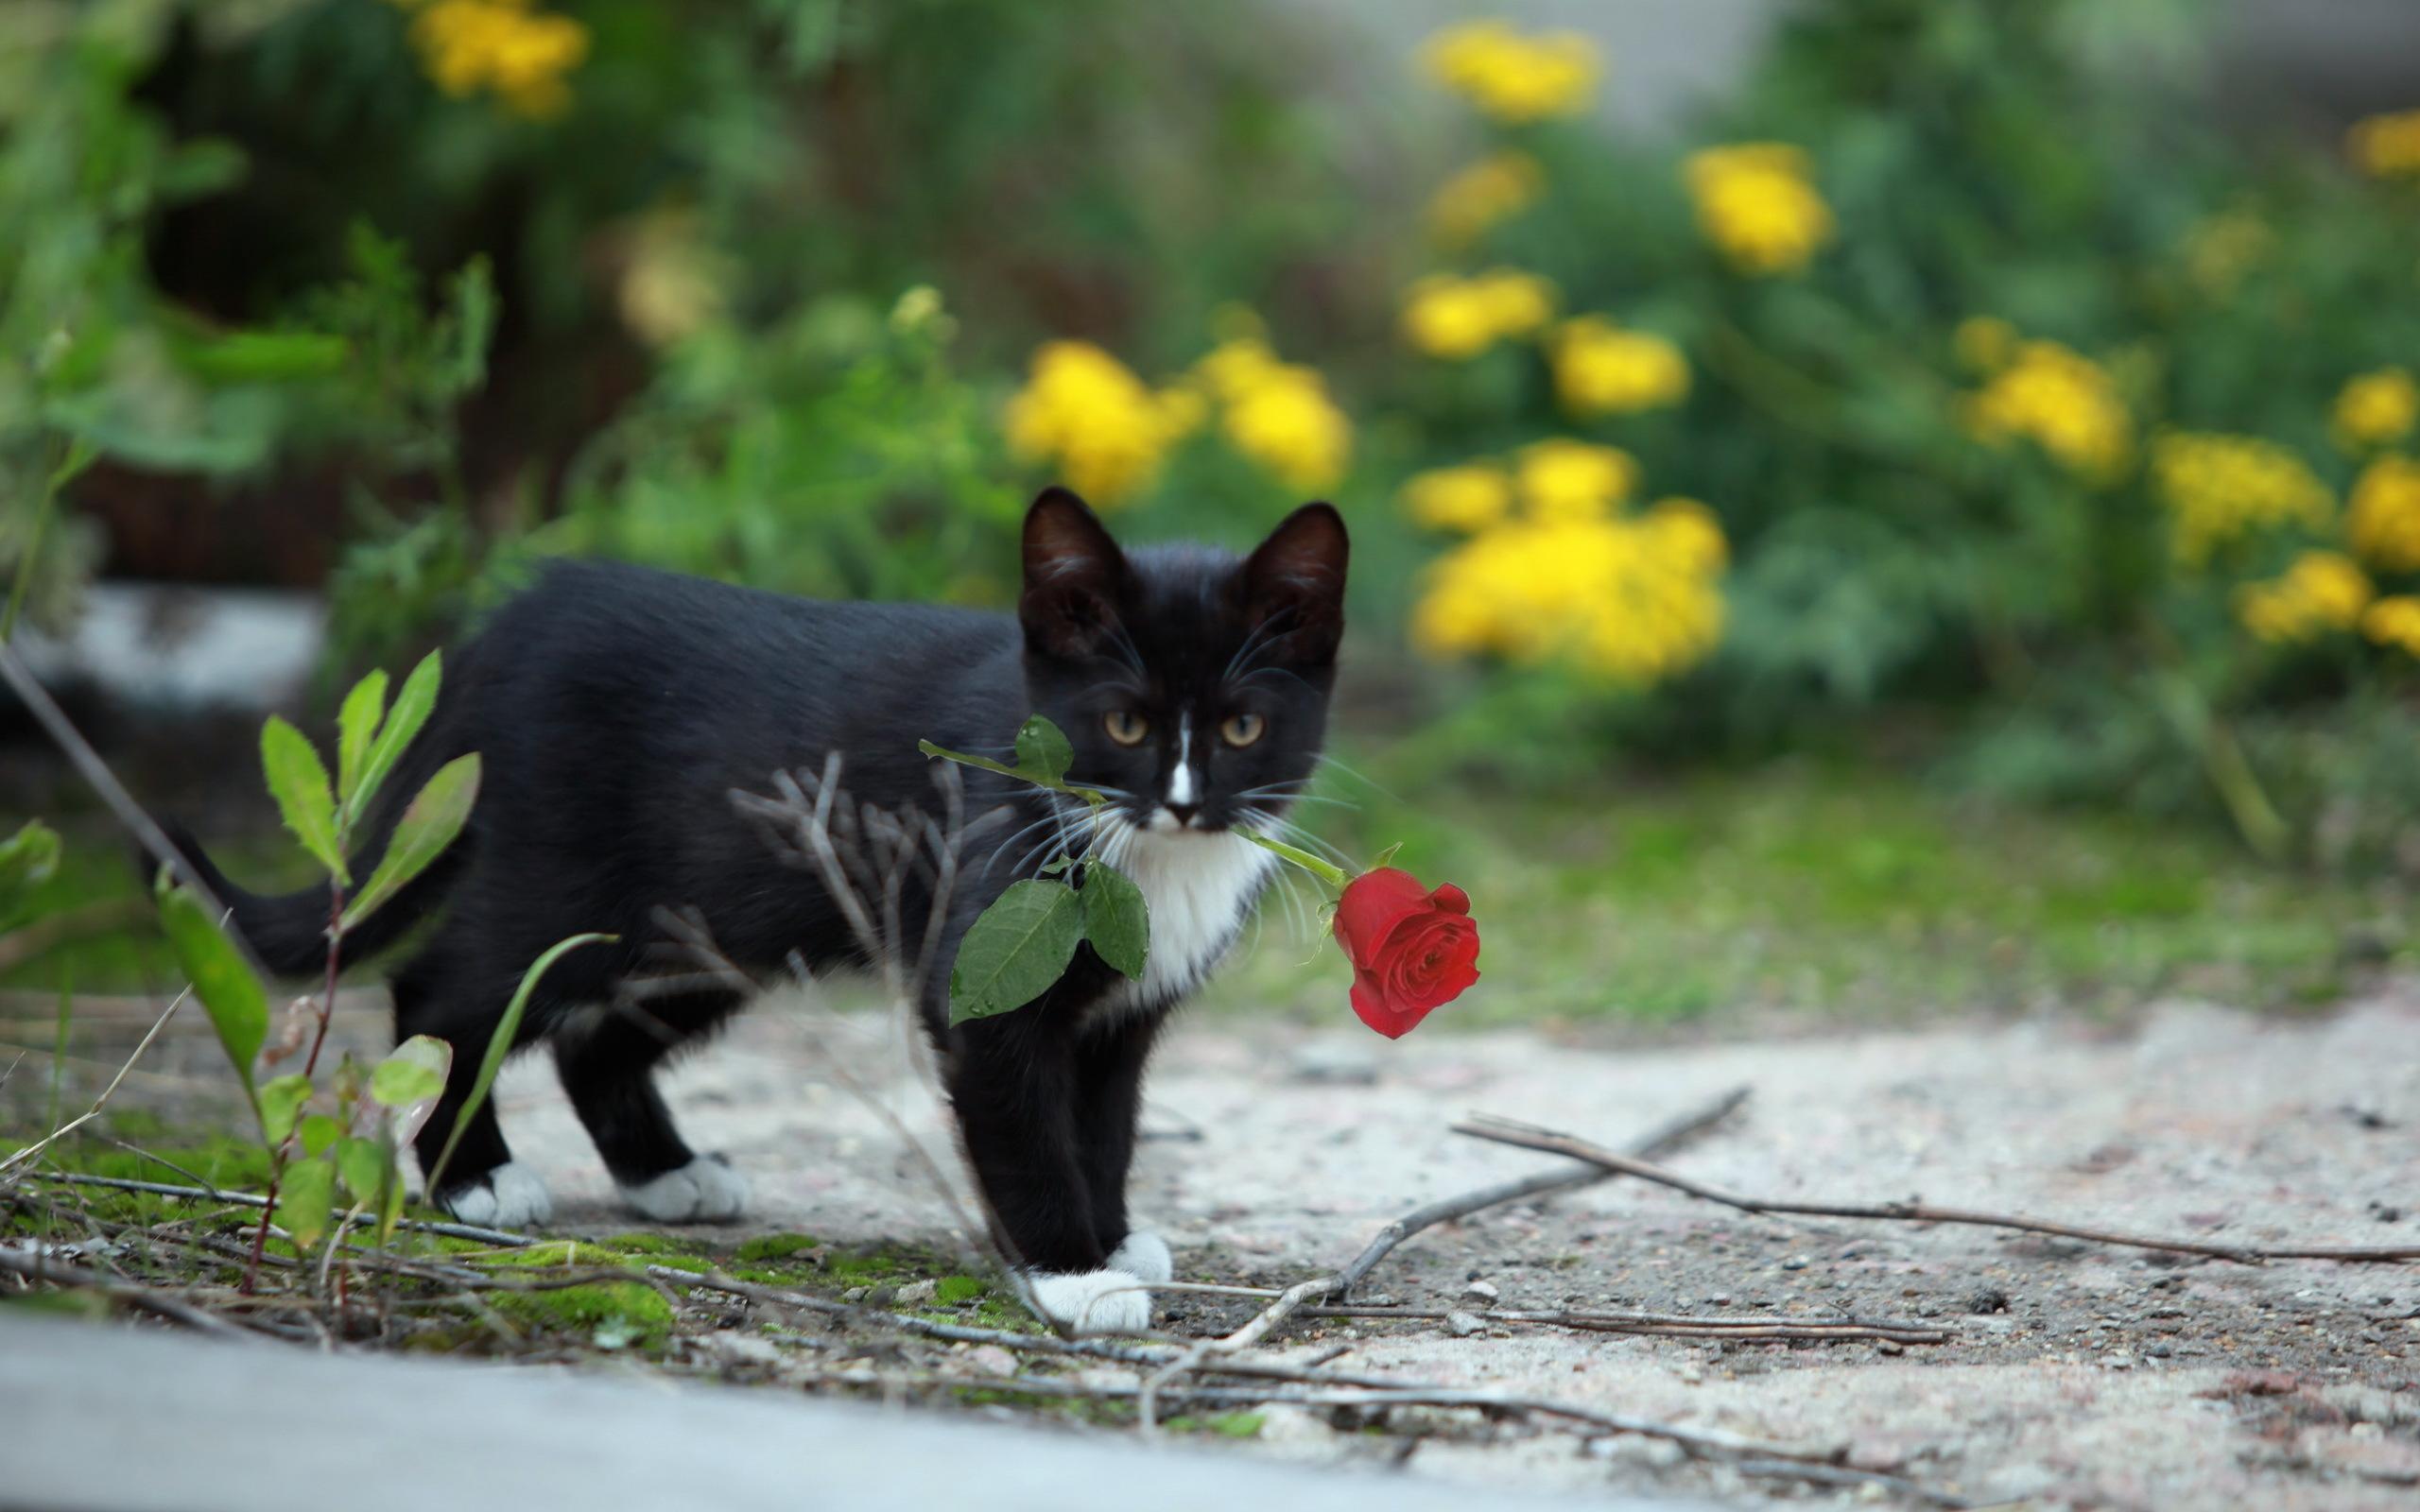 природа животные кот котенок черный  № 654462 загрузить